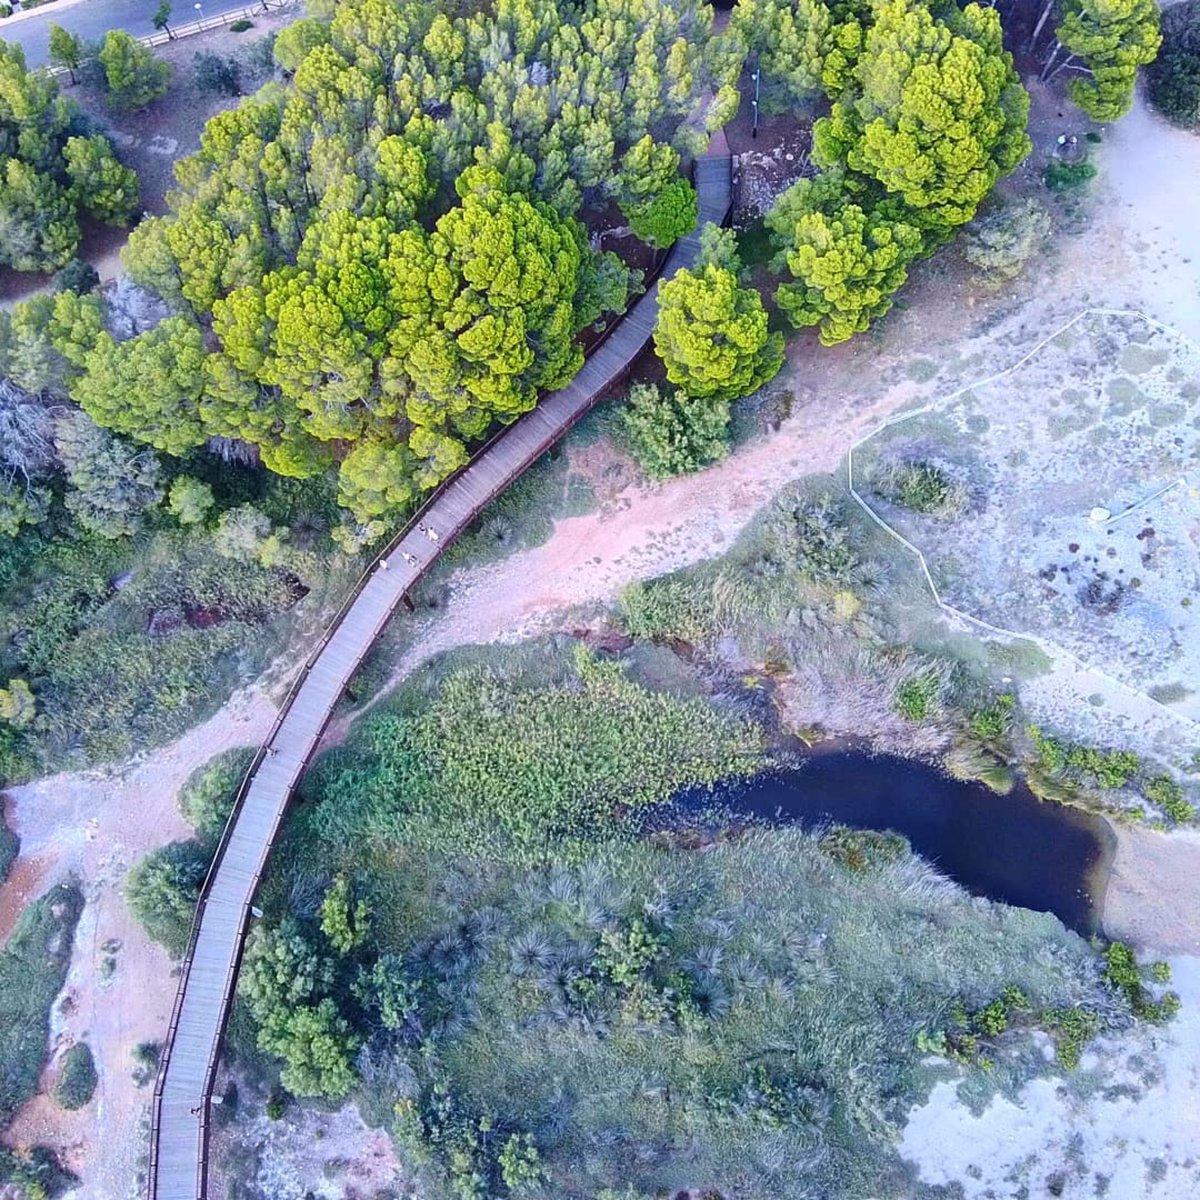 Des de l'aire tot es veu diferent... sabeu quin lloc és aquest? Ens ajudeu a descobrir-lo? Foto: @fotos_dron.vyh #hospitaletdelinfant #lhospitaletdelinfant #costadaurada #catalunyaexperience #marimuntanya #natura